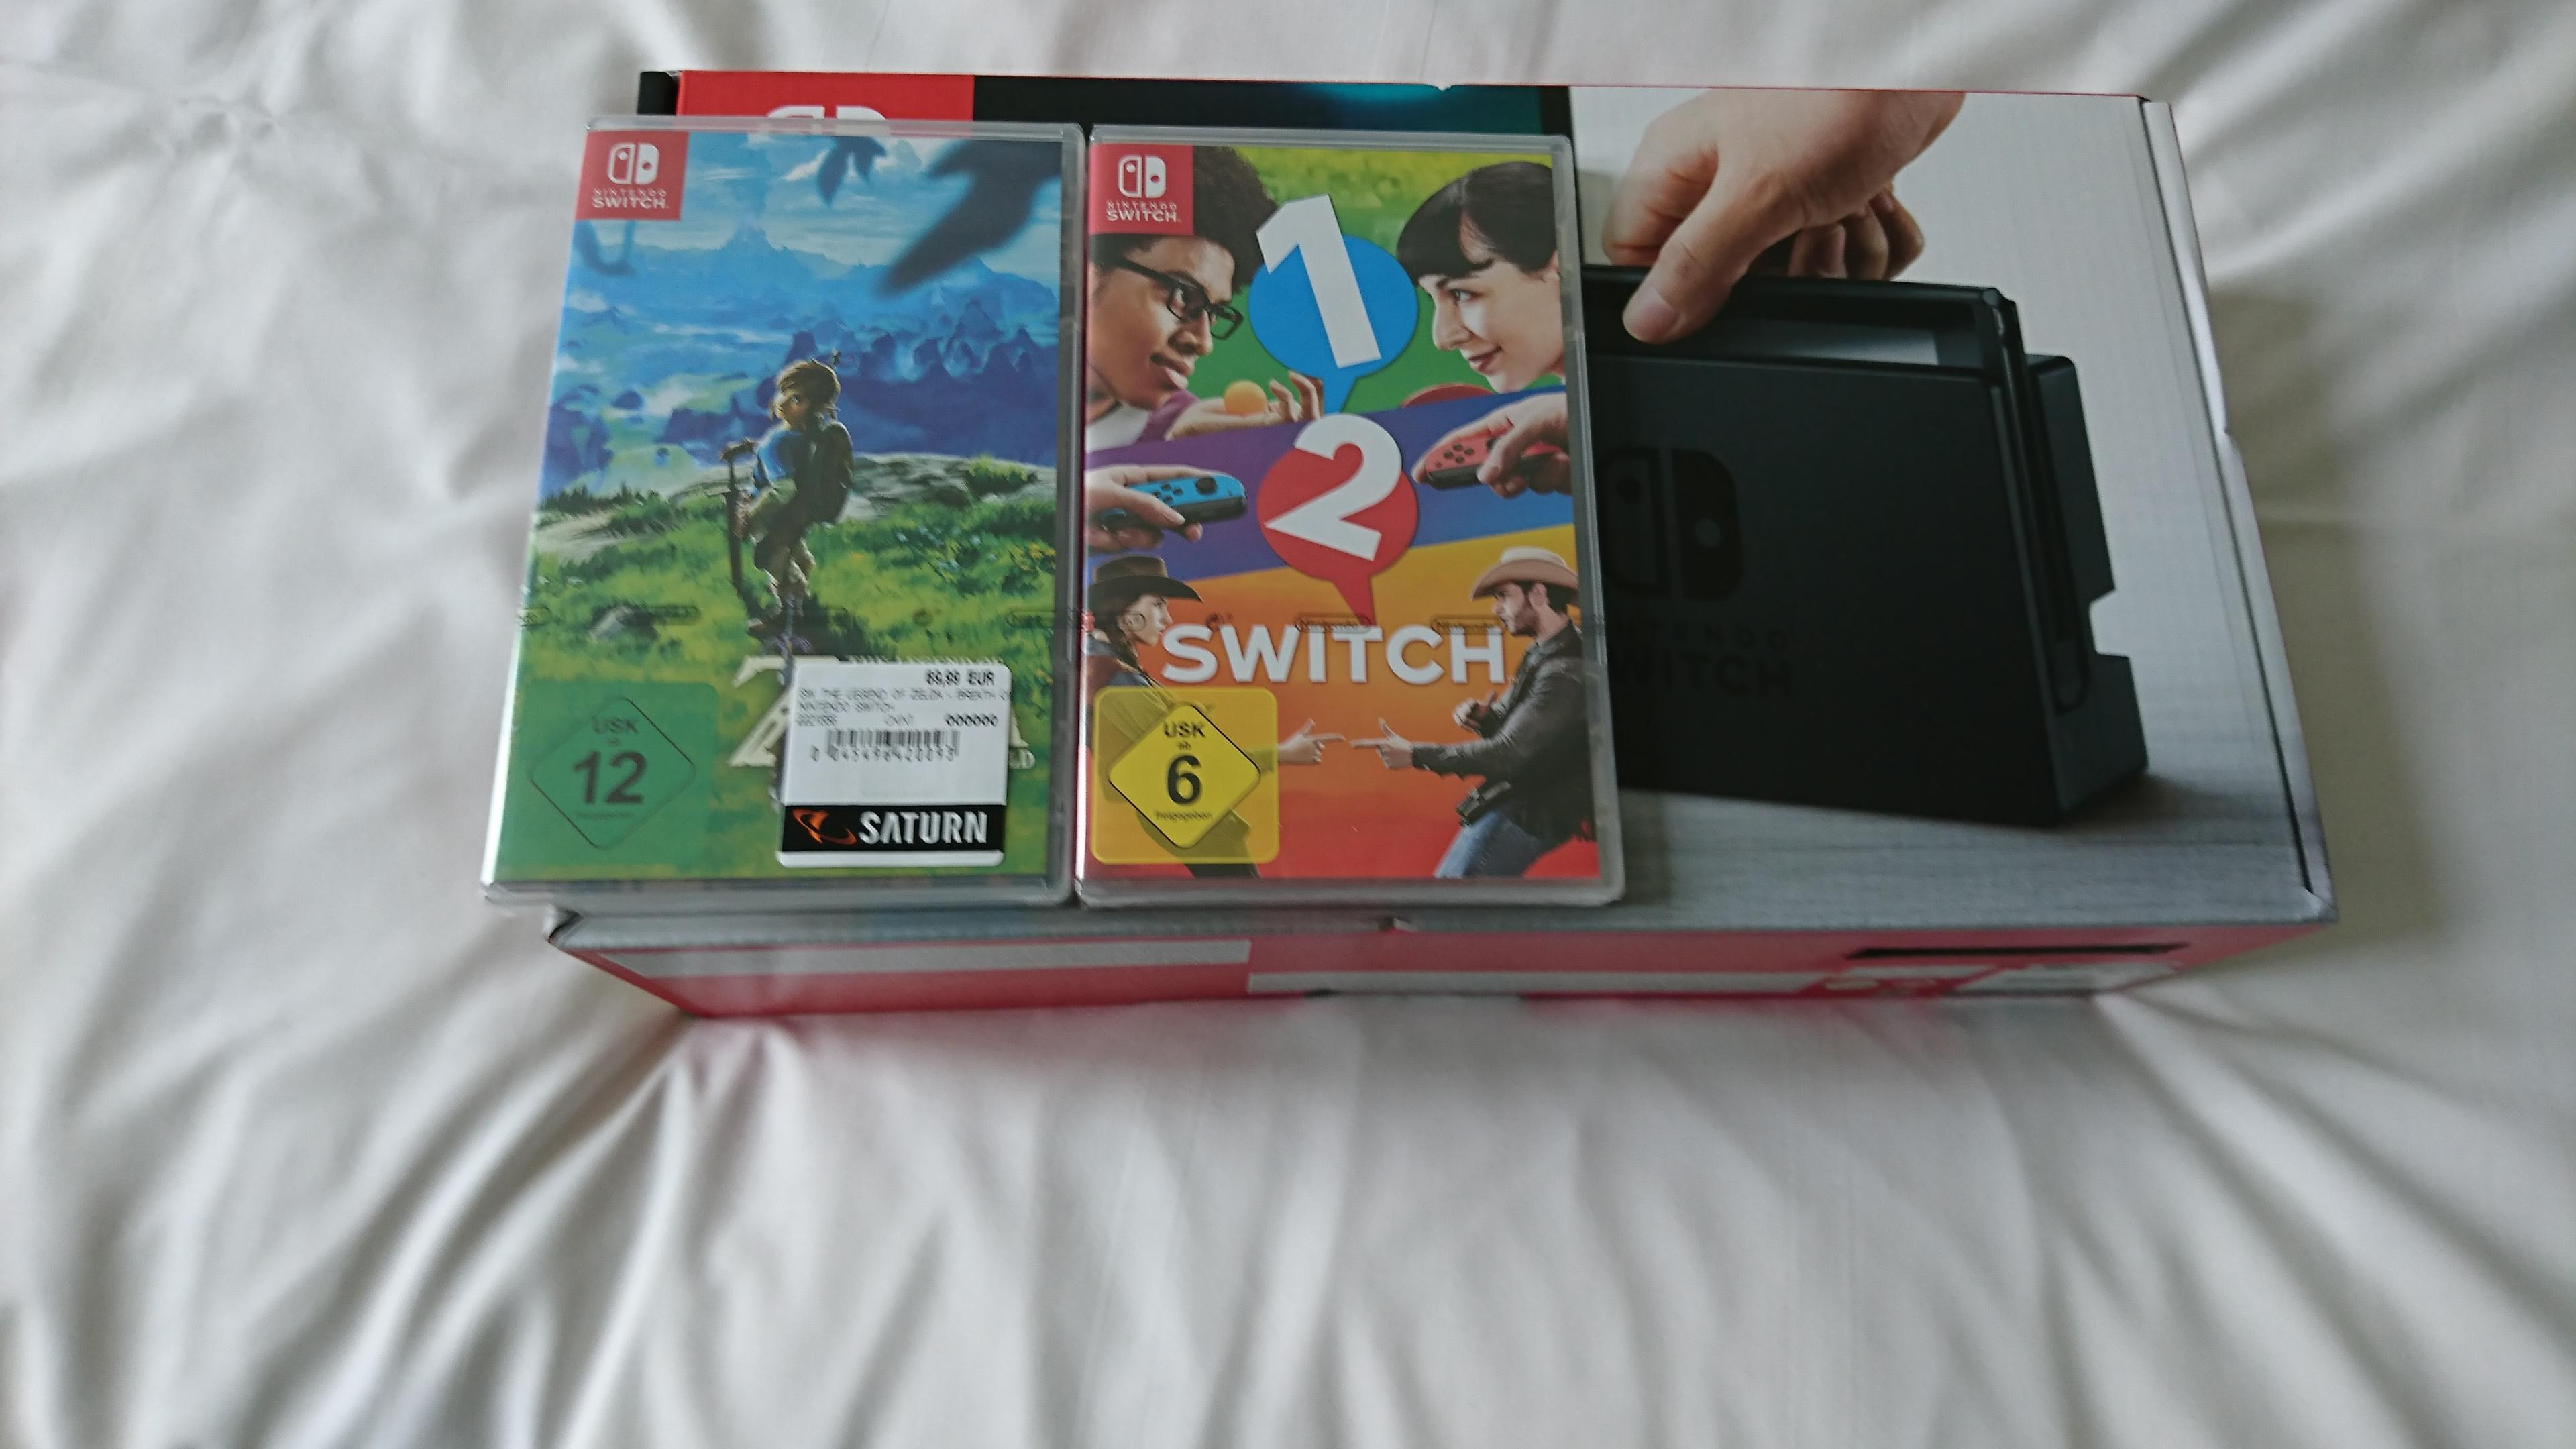 Nintendo Switch + 1 2 Switch + Zelda: BotW